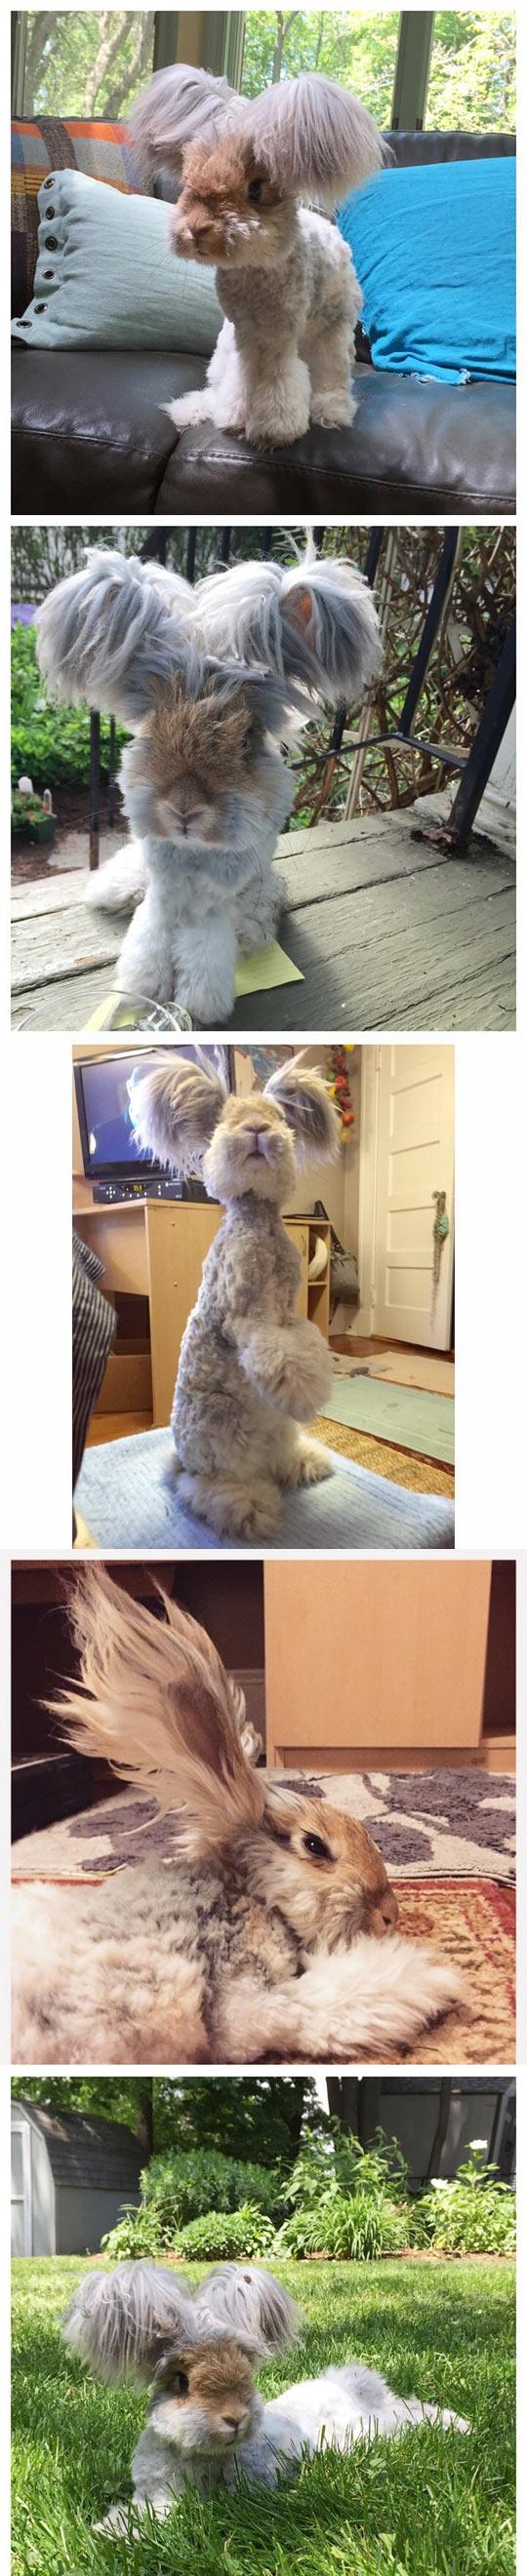 Meet Wally: The Angora Bunny